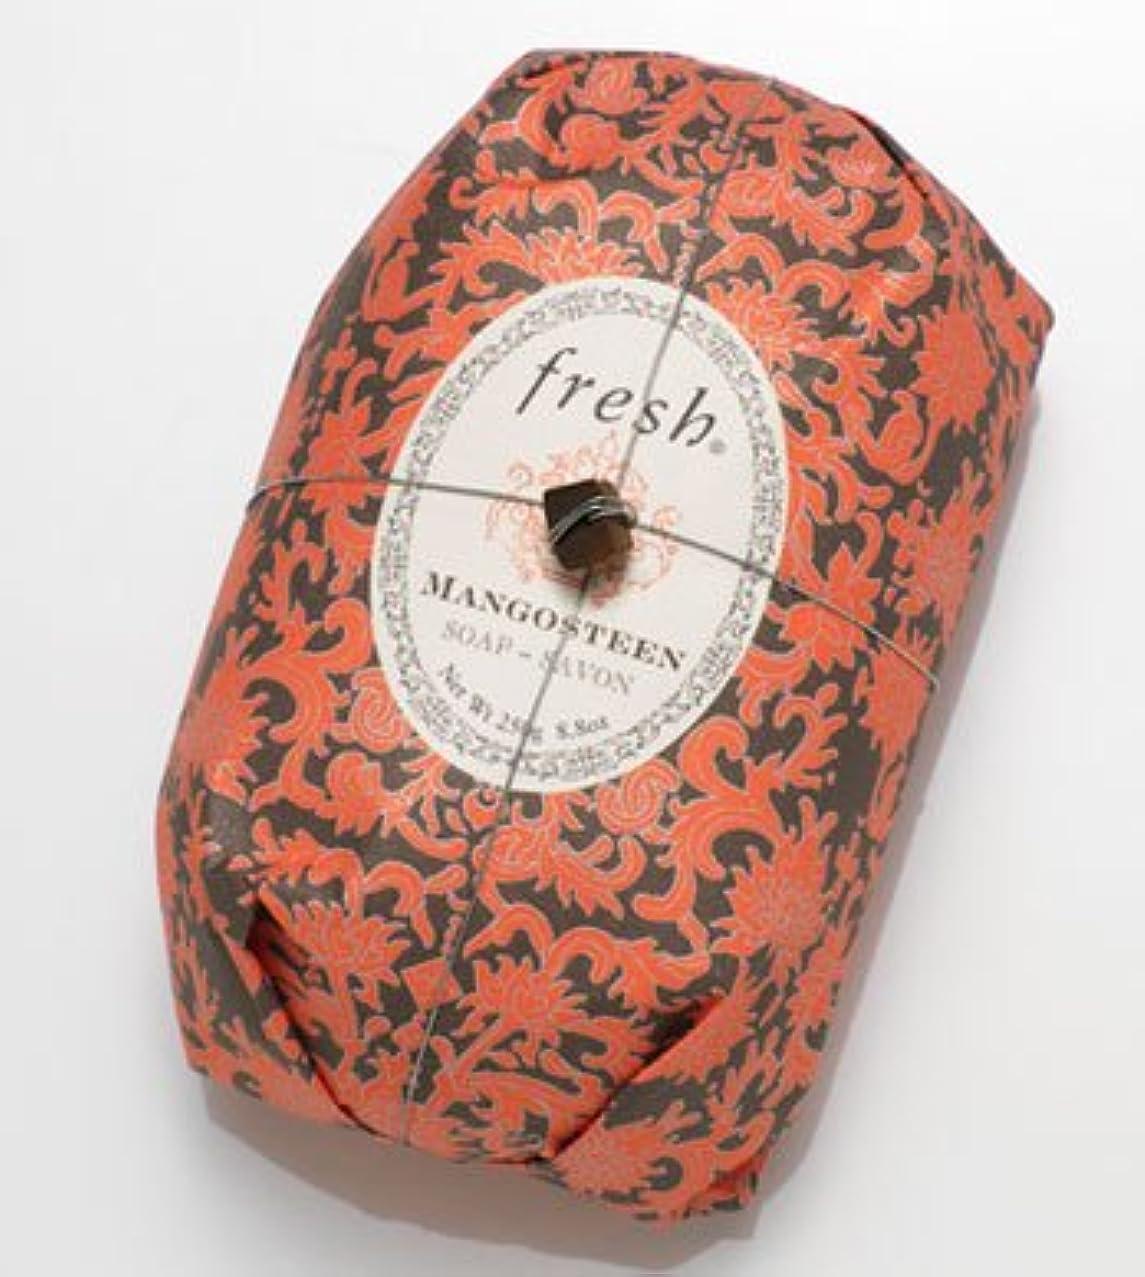 ニュージーランドスキップタイマーFresh MANGOSTEEN SOAP (フレッシュ マンゴスチーン ソープ) 8.8 oz (250g) Soap (石鹸) by Fresh